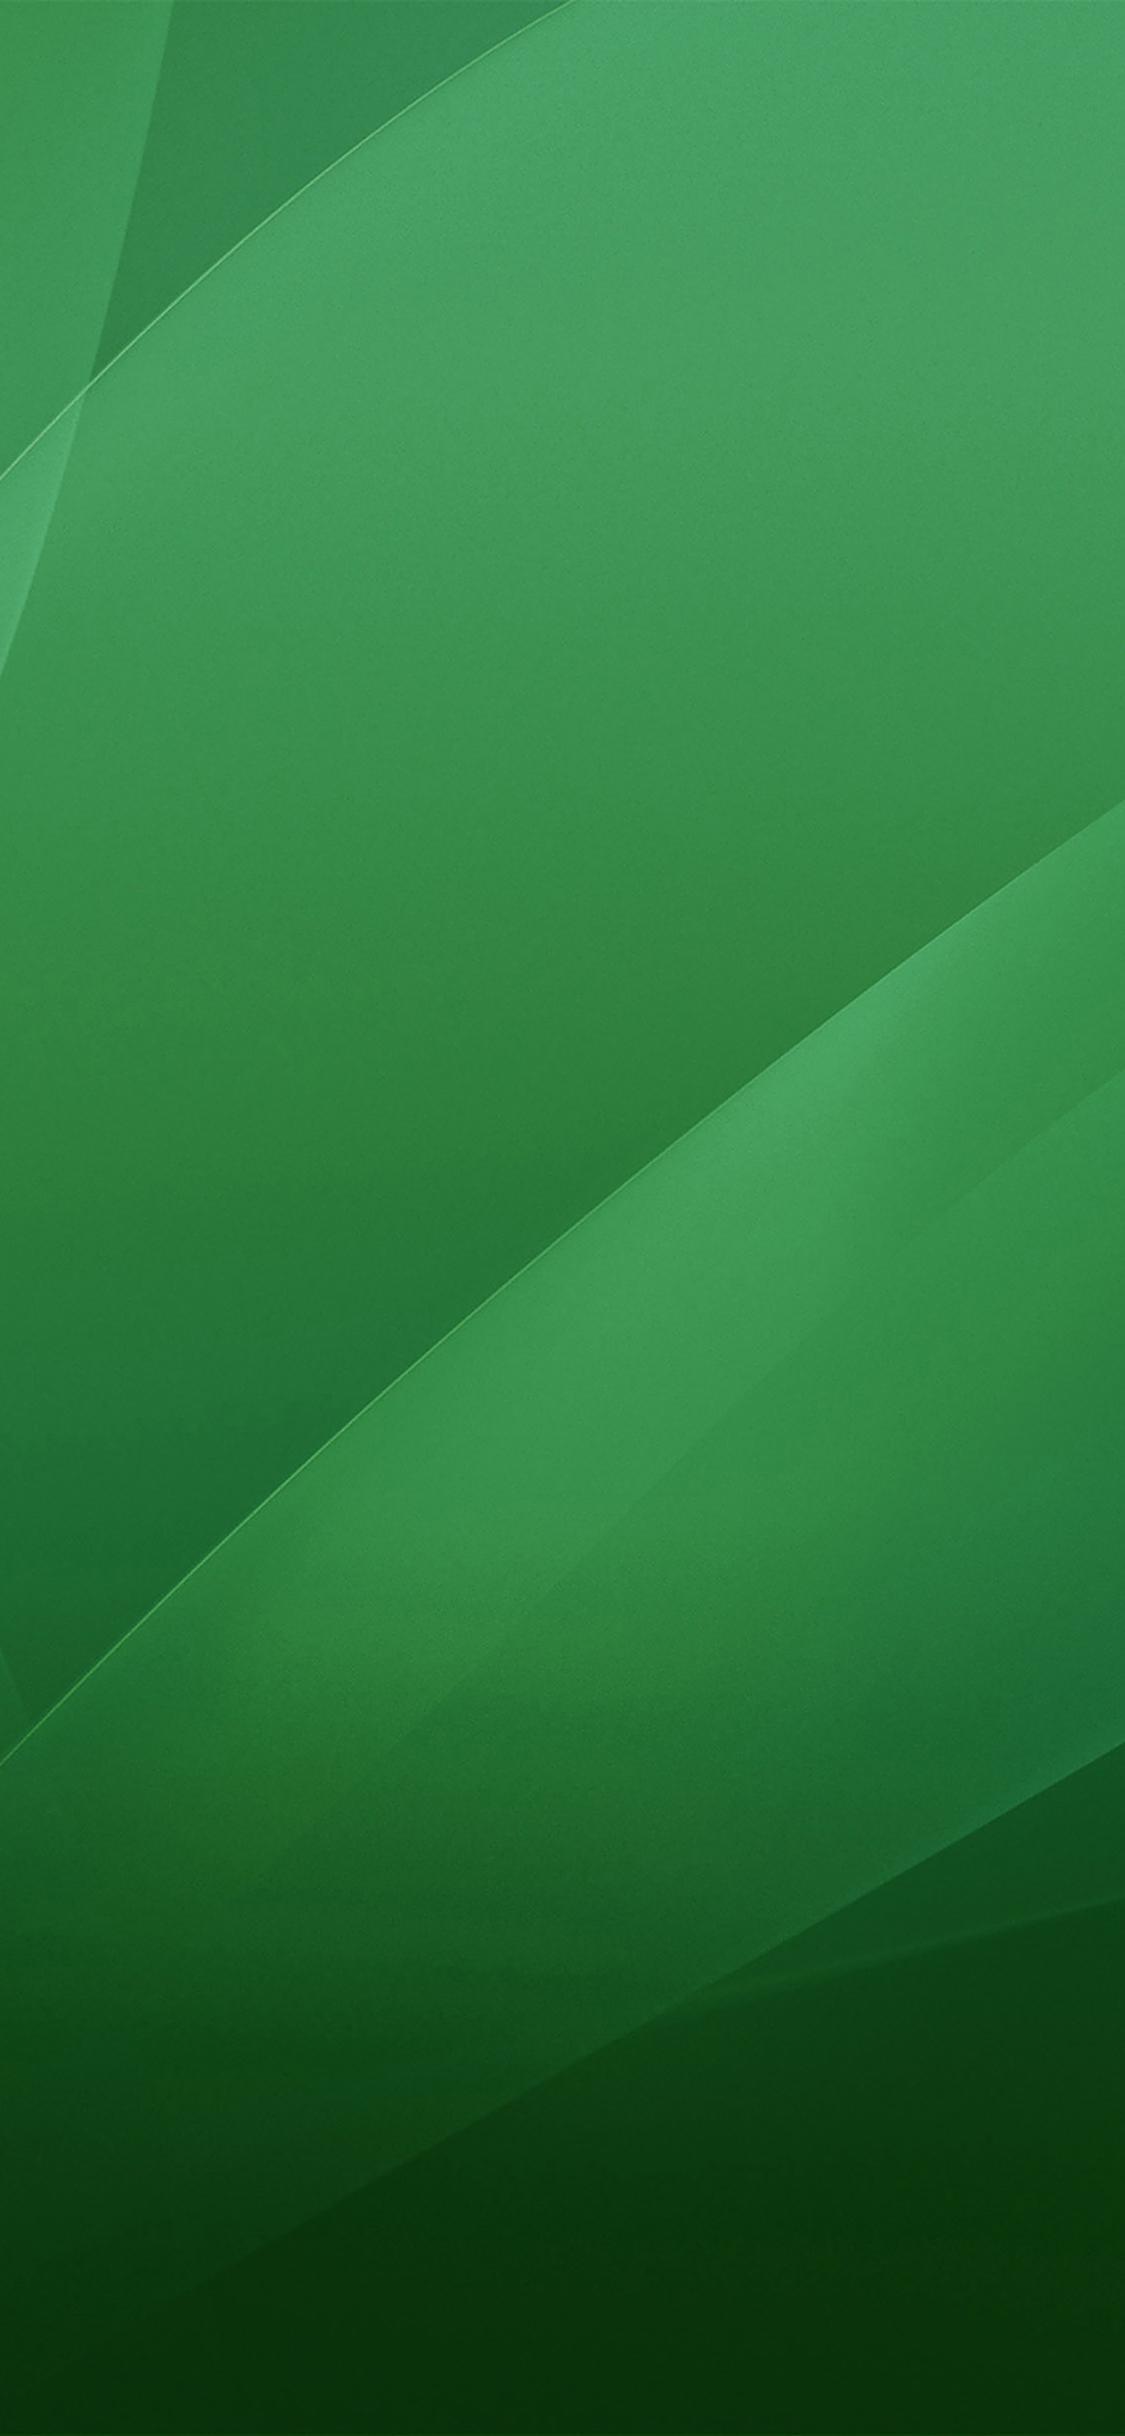 iPhoneXpapers.com-Apple-iPhone-wallpaper-va23-aqua-green-pattern